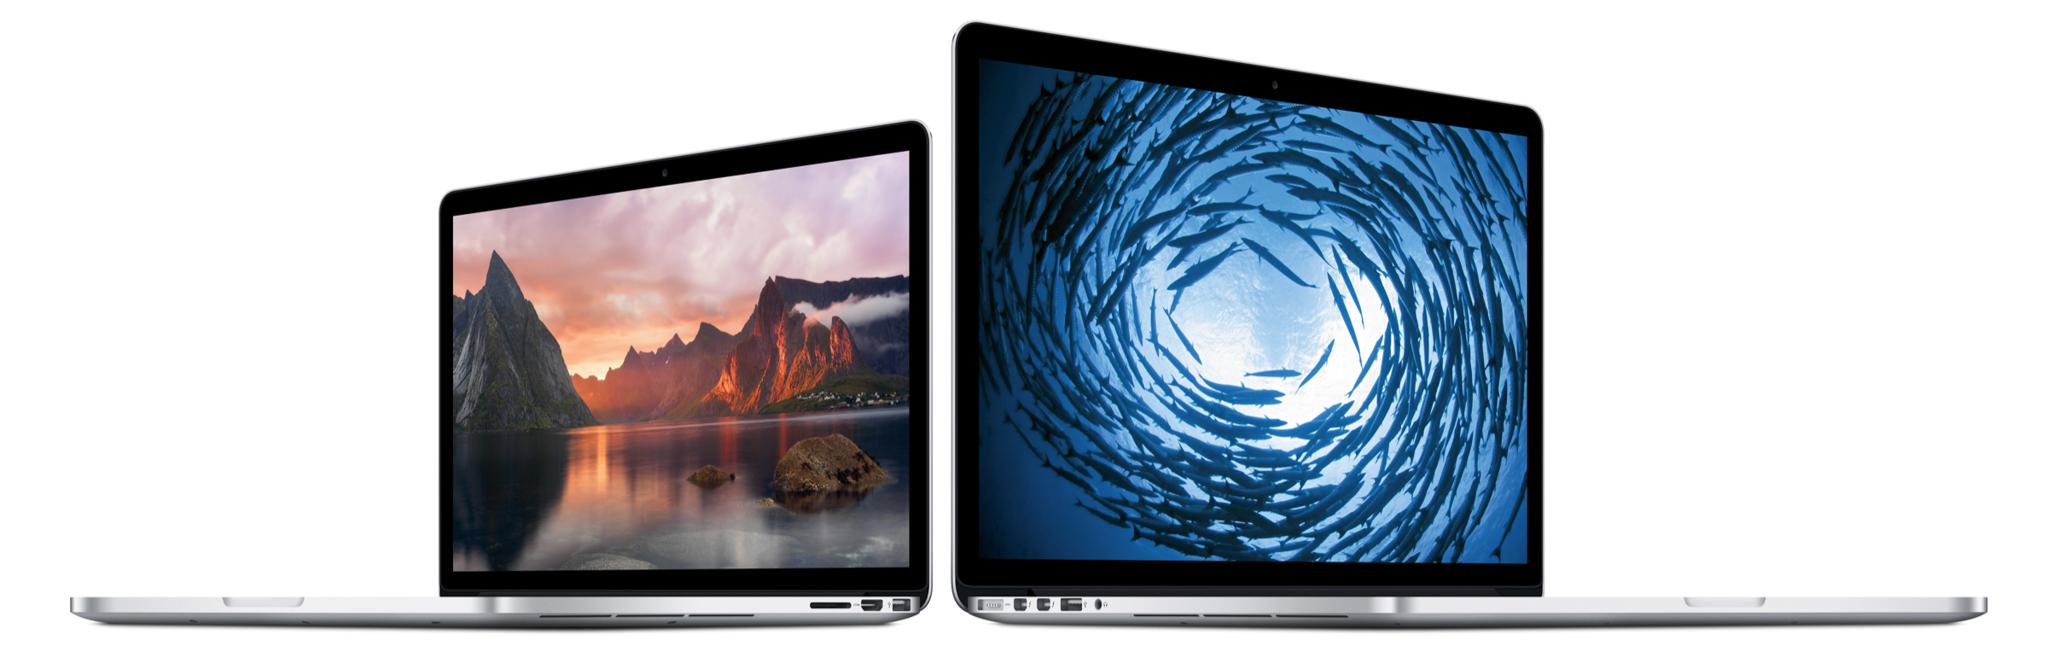 2015 MacBook Pro New Zealand